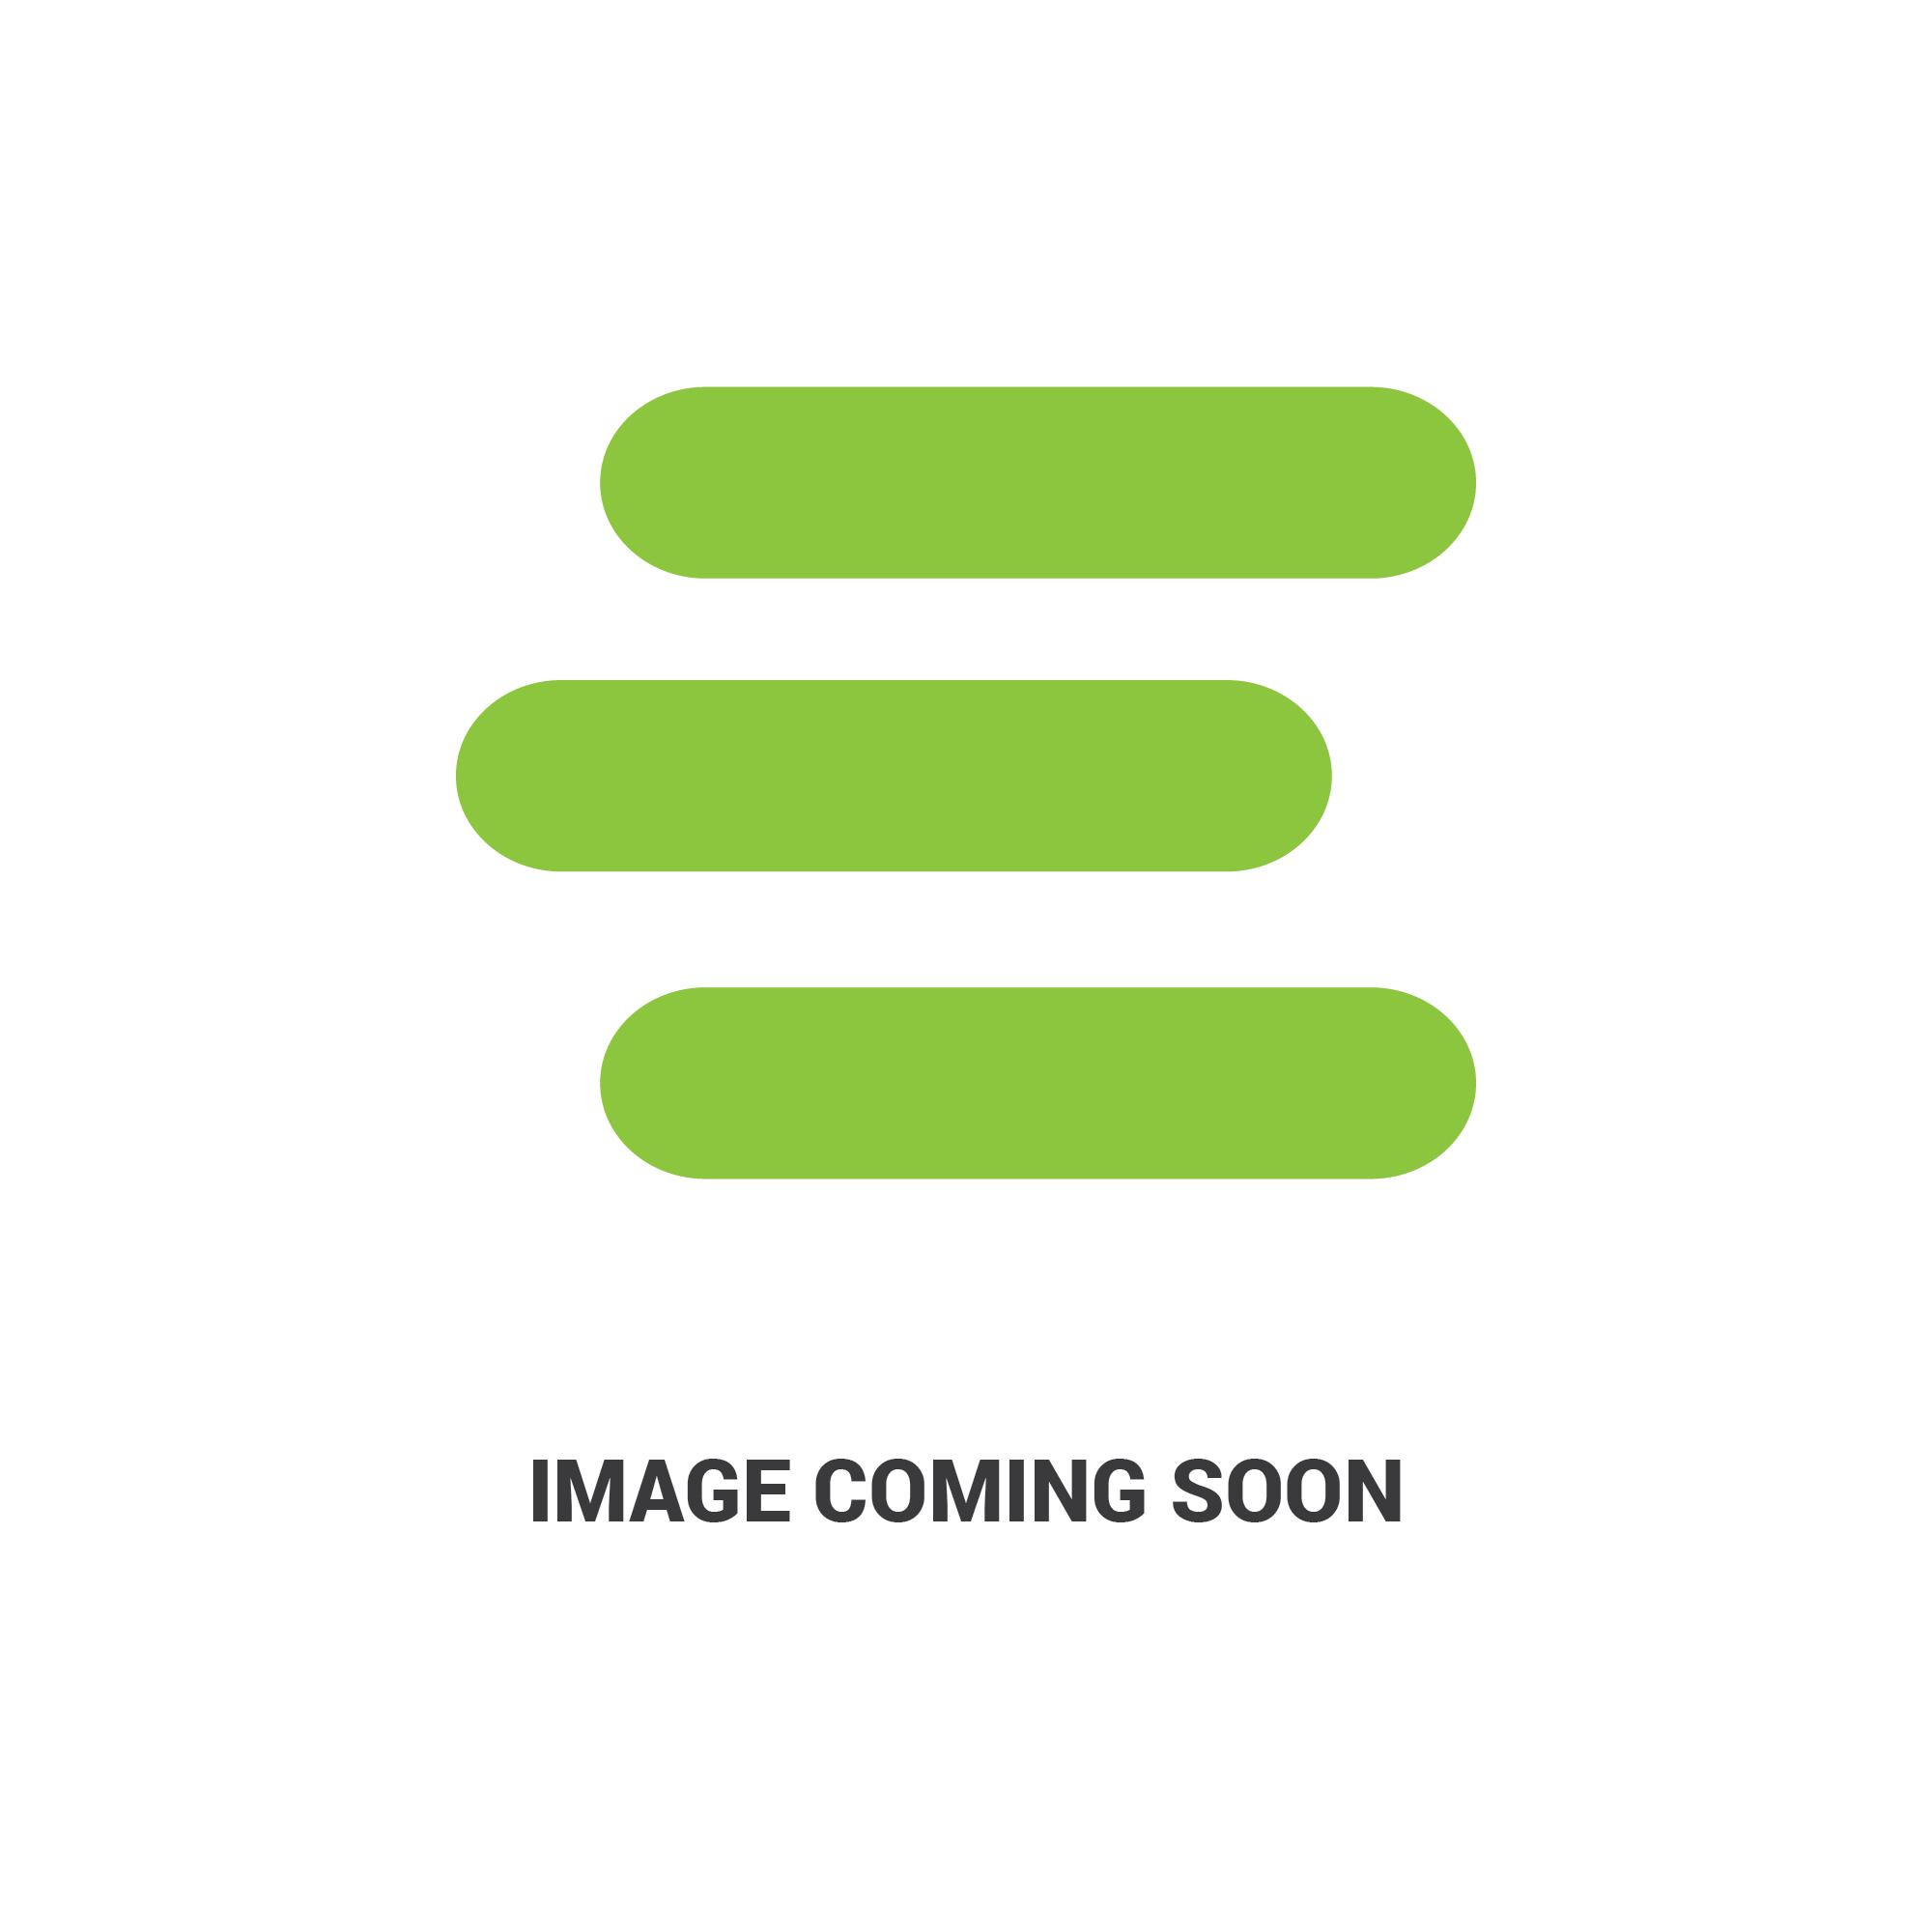 E-AL176475edit 1.jpg